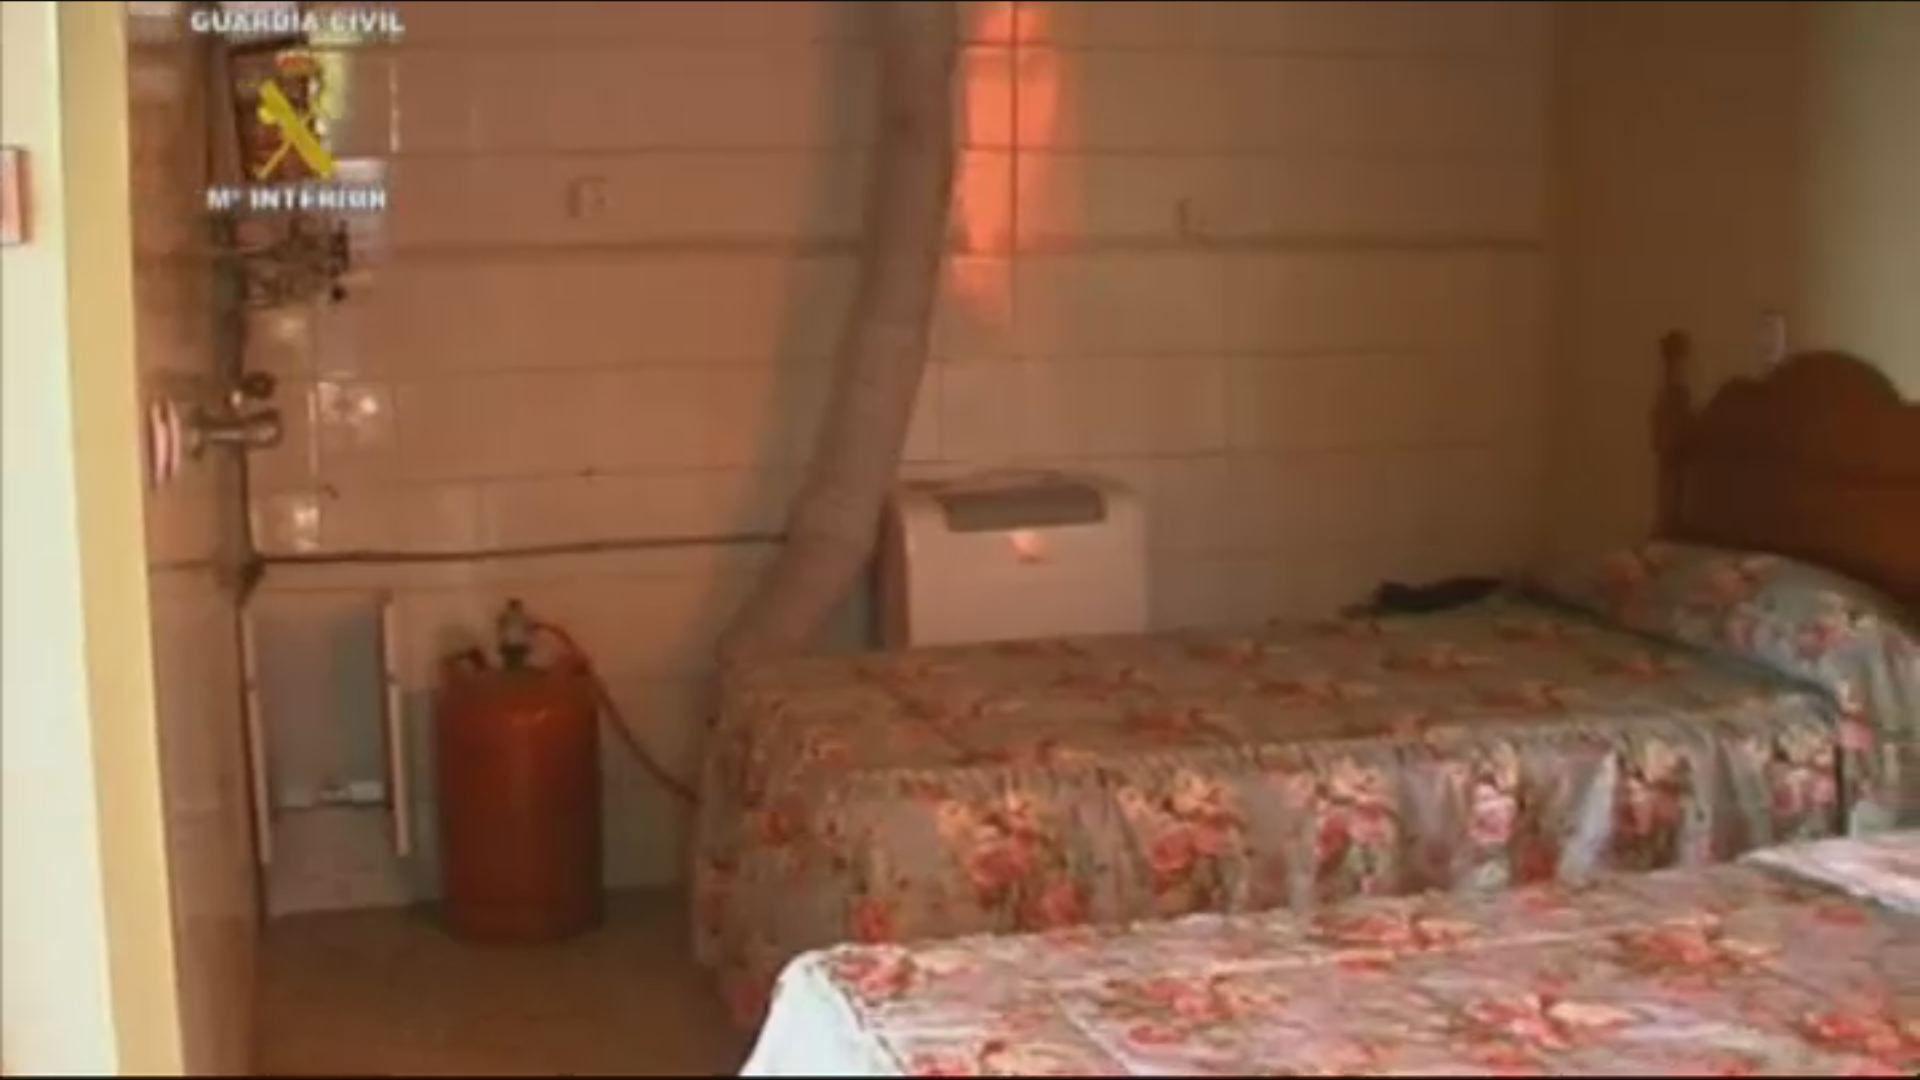 Así era la casa de los horrores de Cádiz.Natalio Grueso